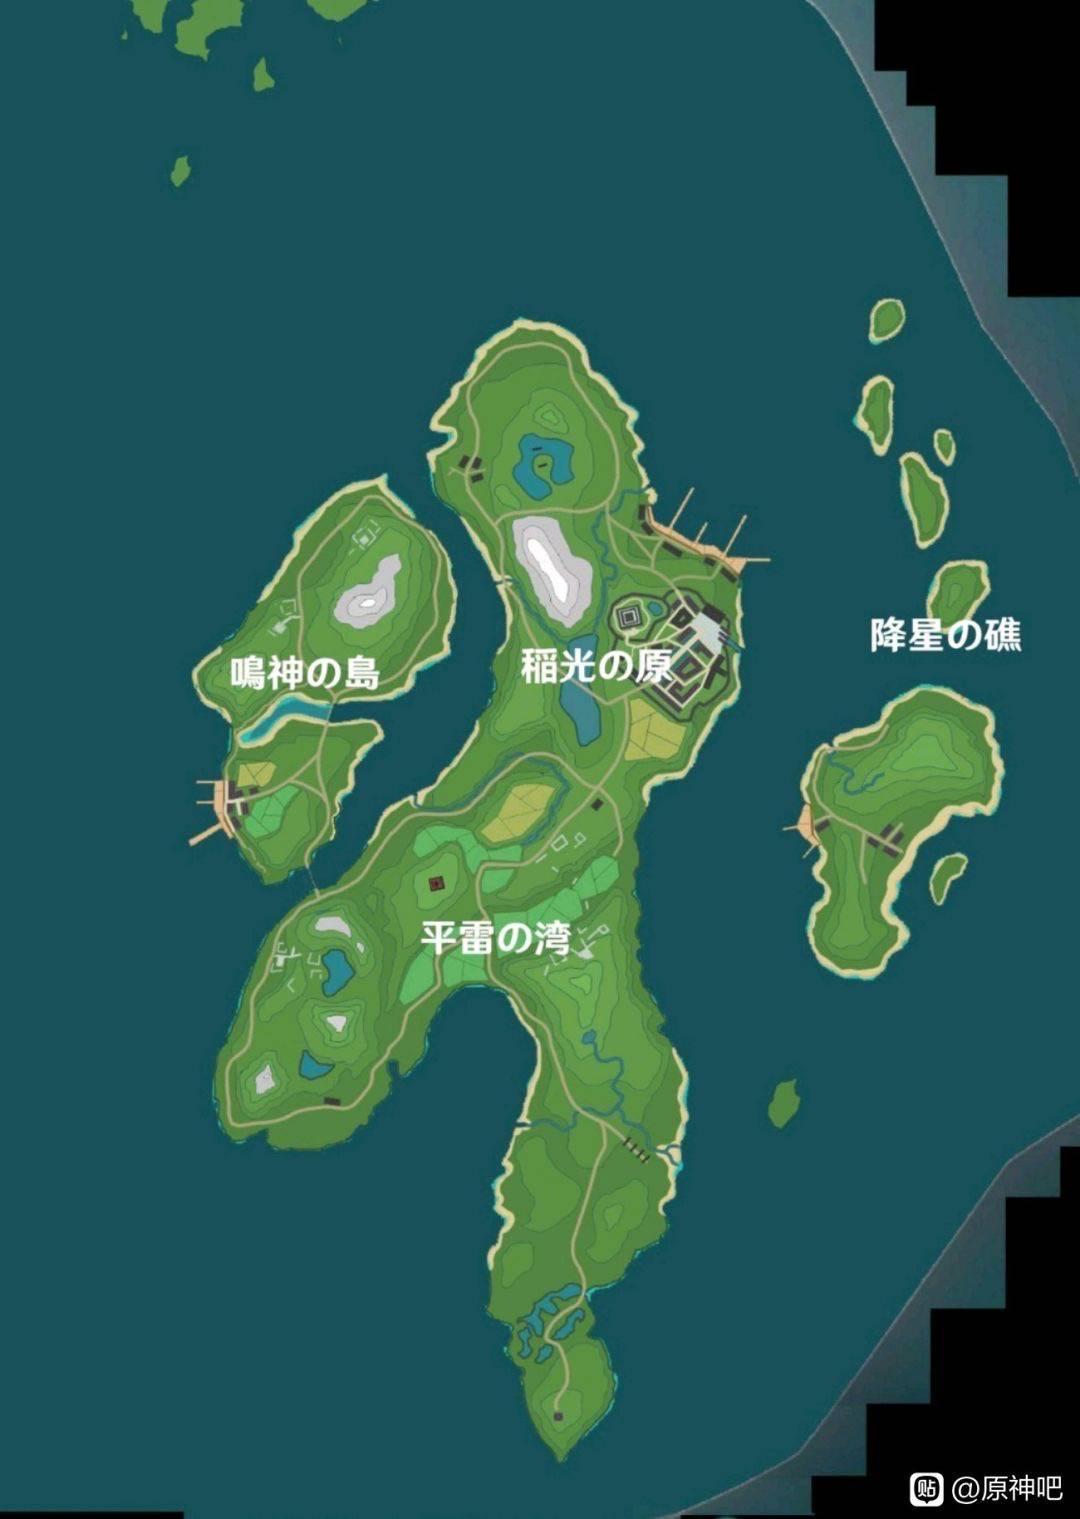 【原神】日本モチーフの稲妻のマップがこれってマジ・・?